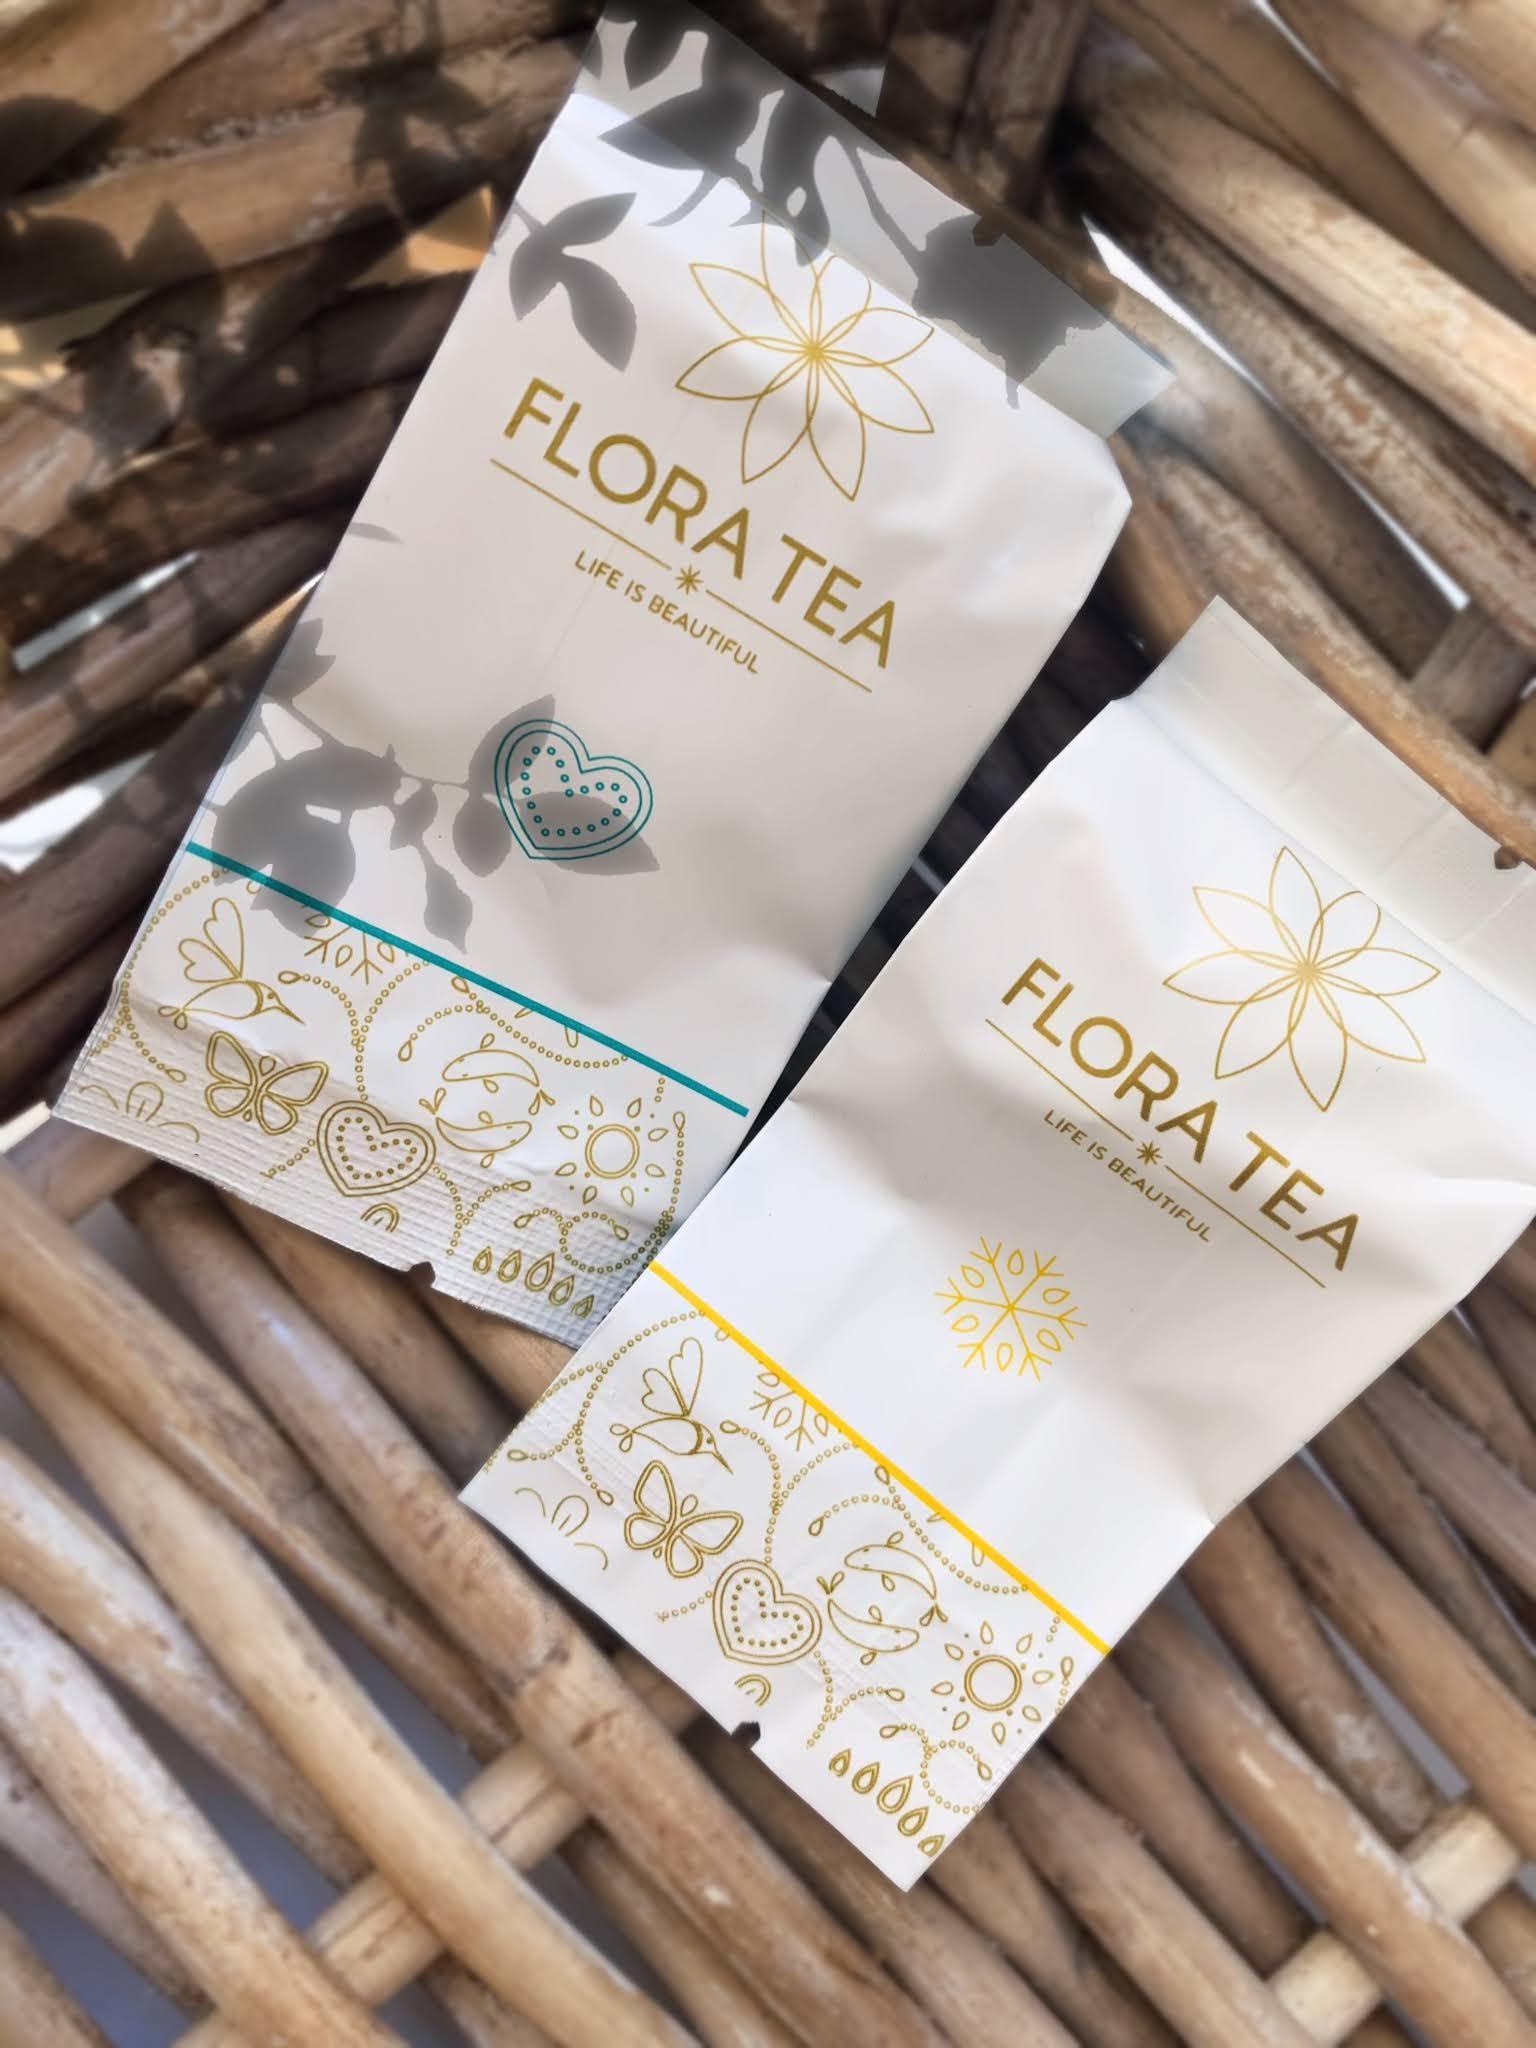 Theebloemen van Flora Tea!